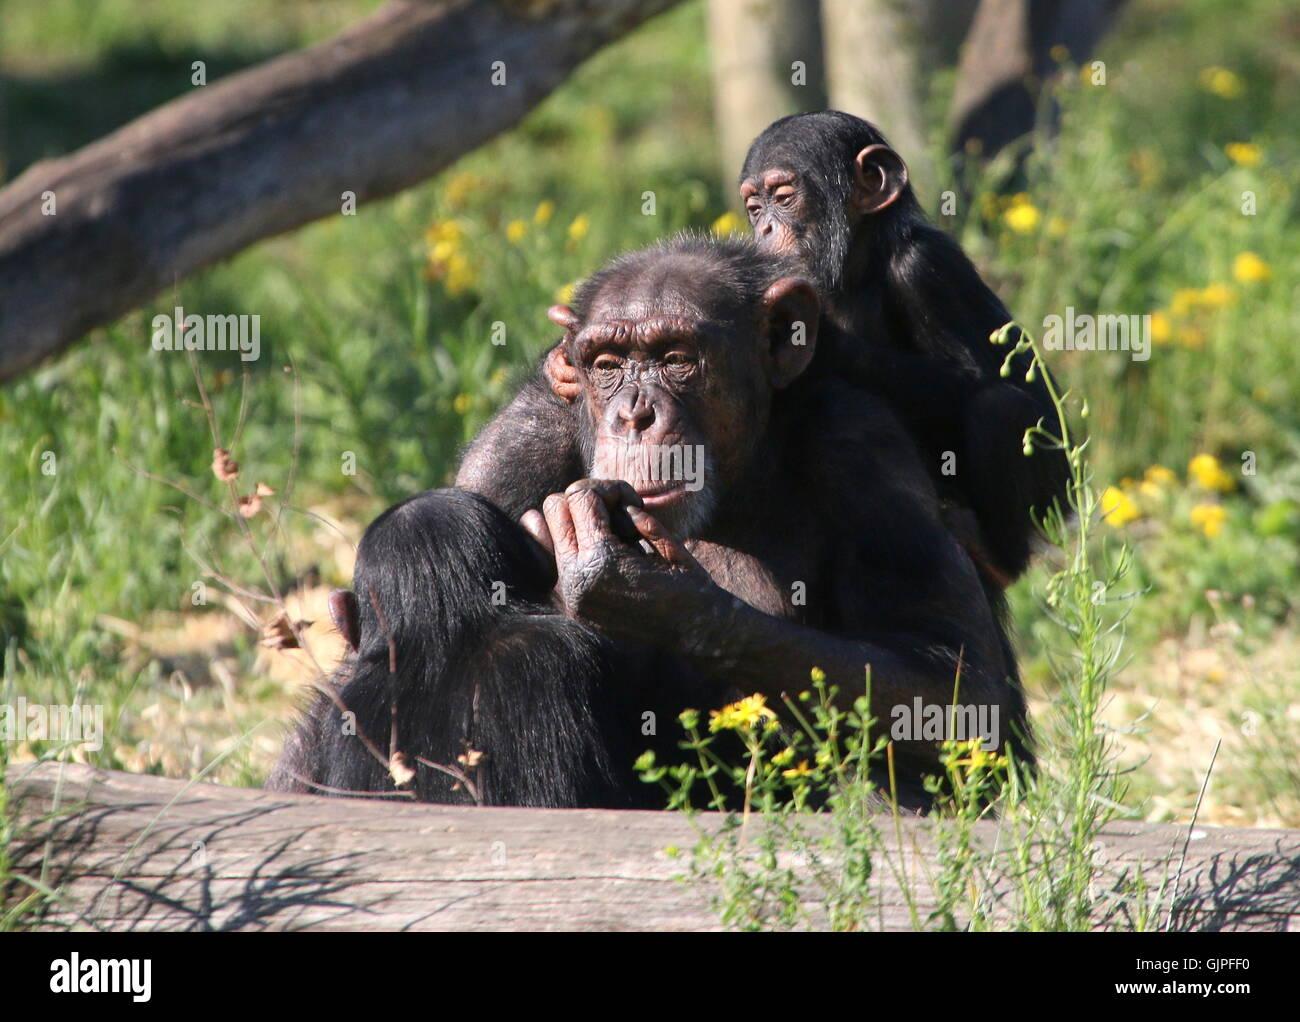 Femmina Scimpanzé comune (Pan troglodytes) con un giovane sulla sua schiena, un altro giovane maschio rivolta Immagini Stock